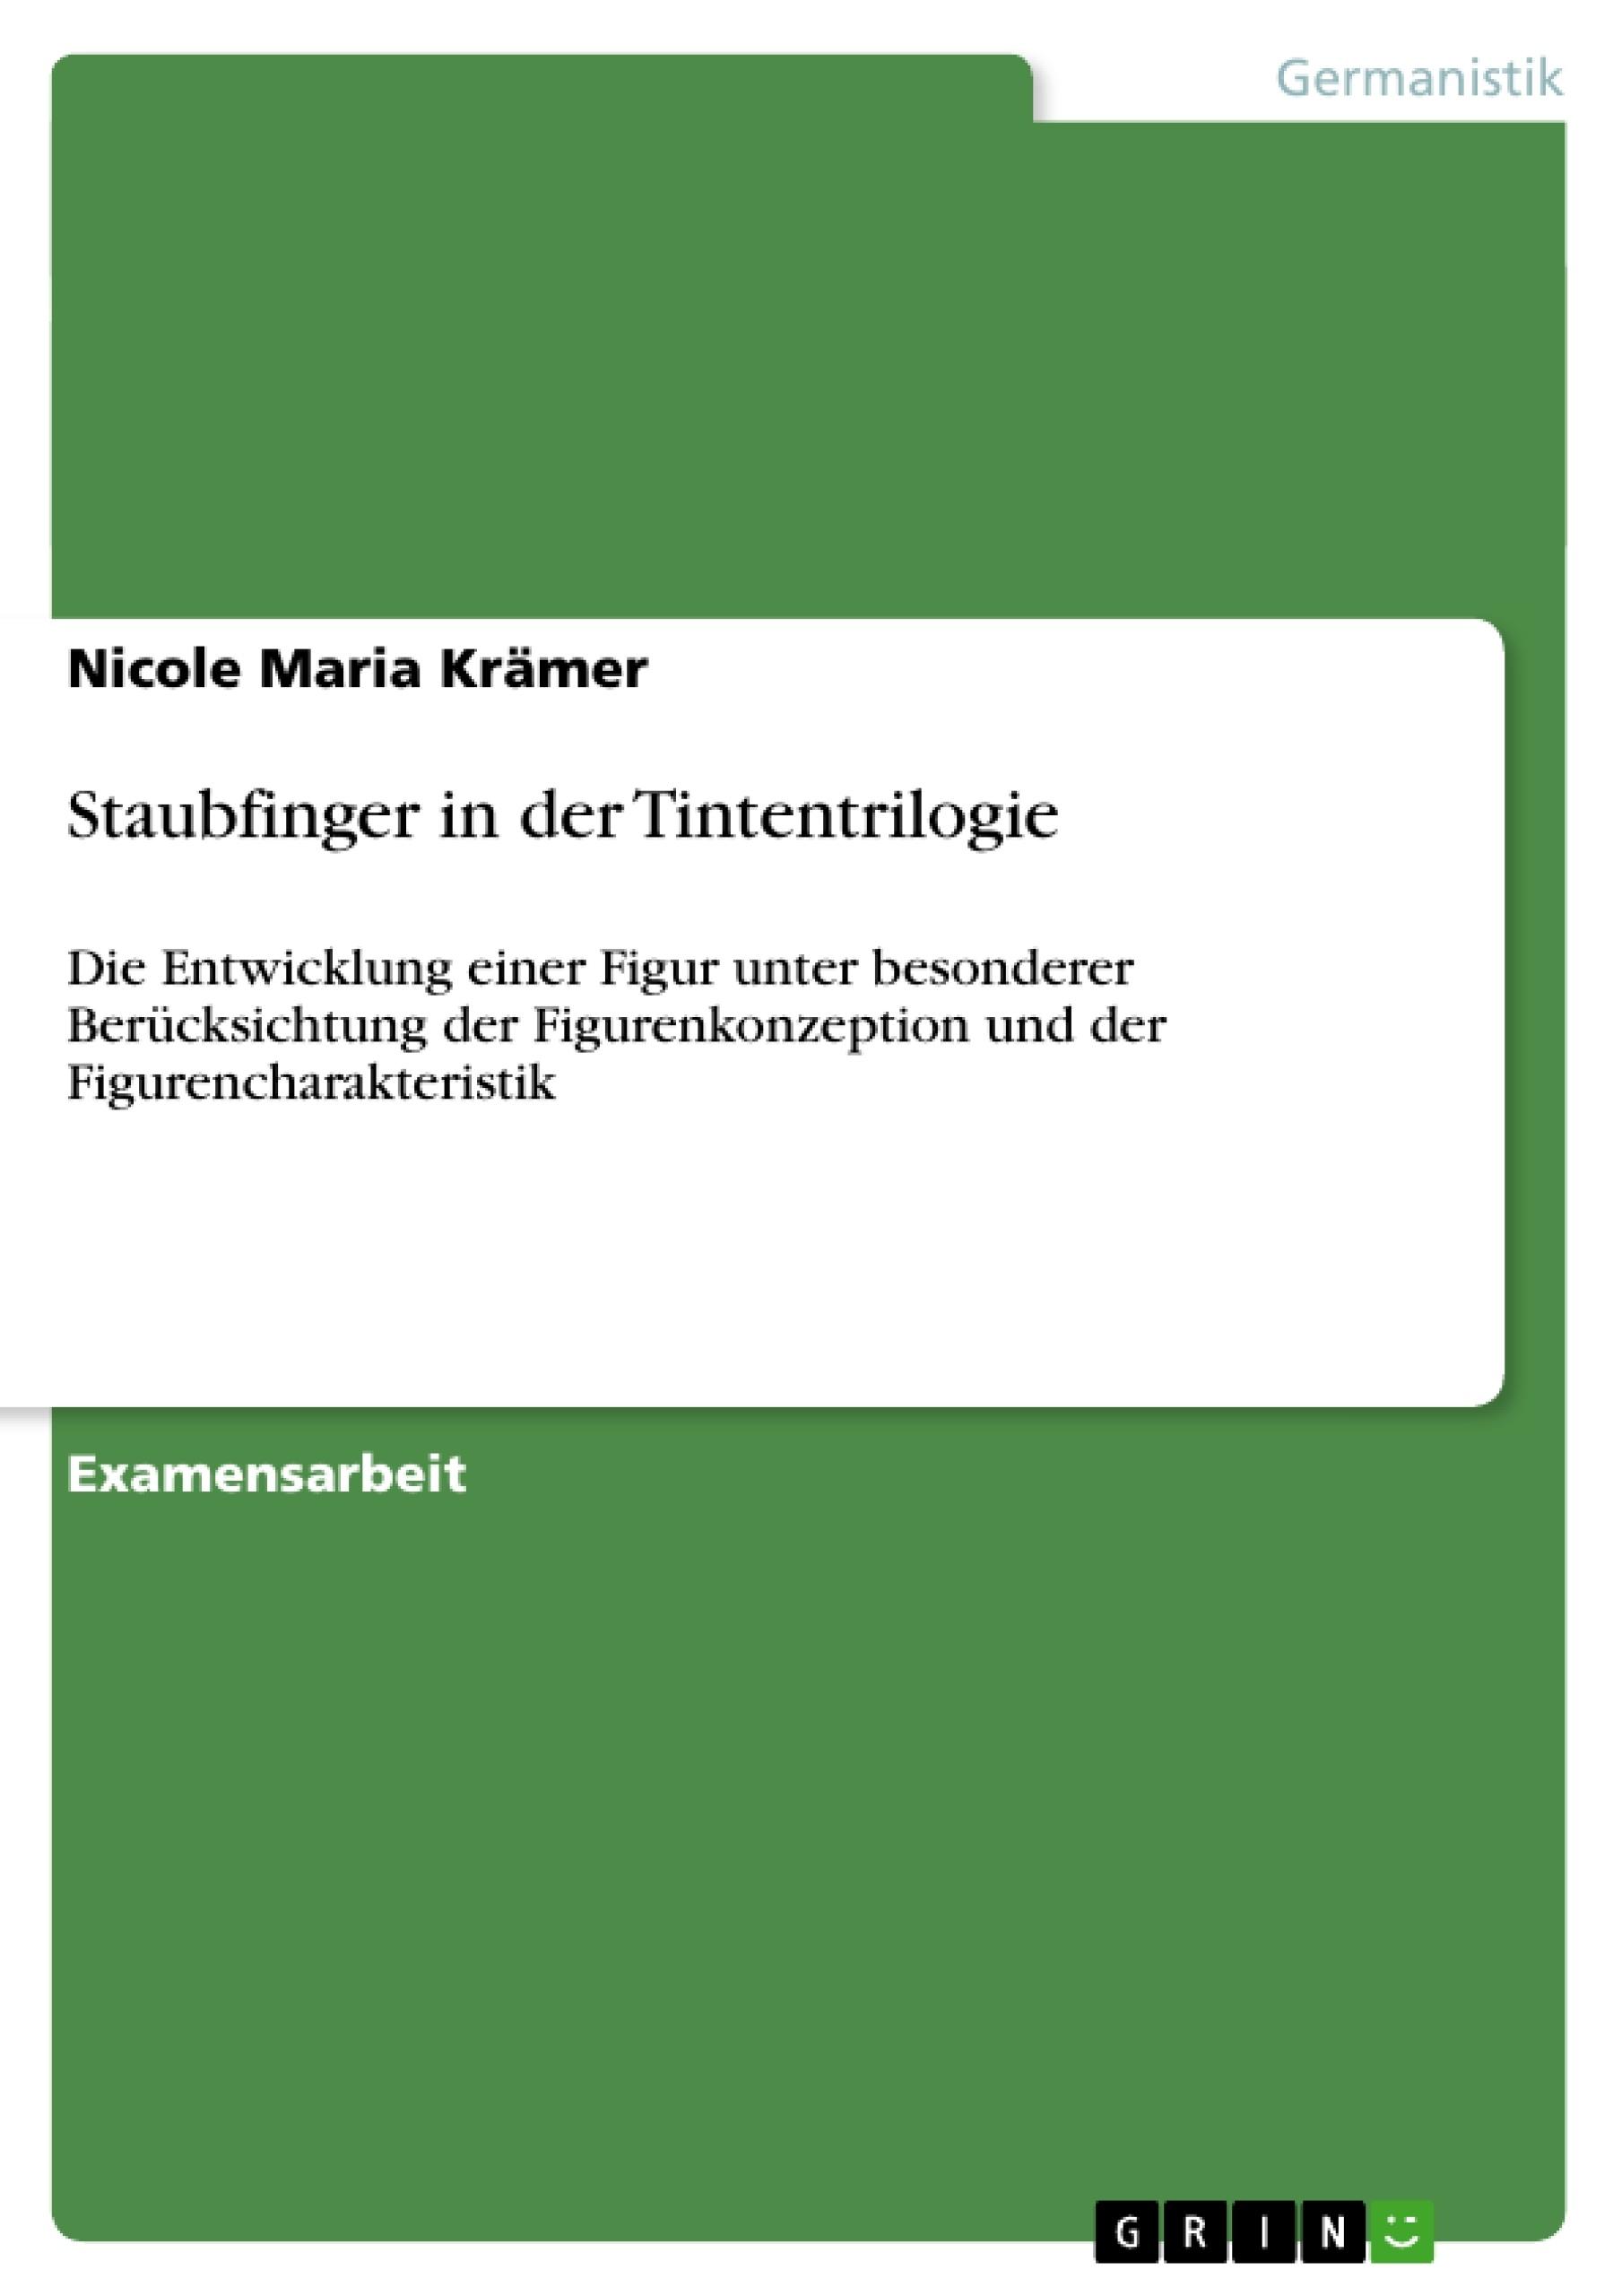 Staubfinger in der Tintentrilogie | Masterarbeit, Hausarbeit ...